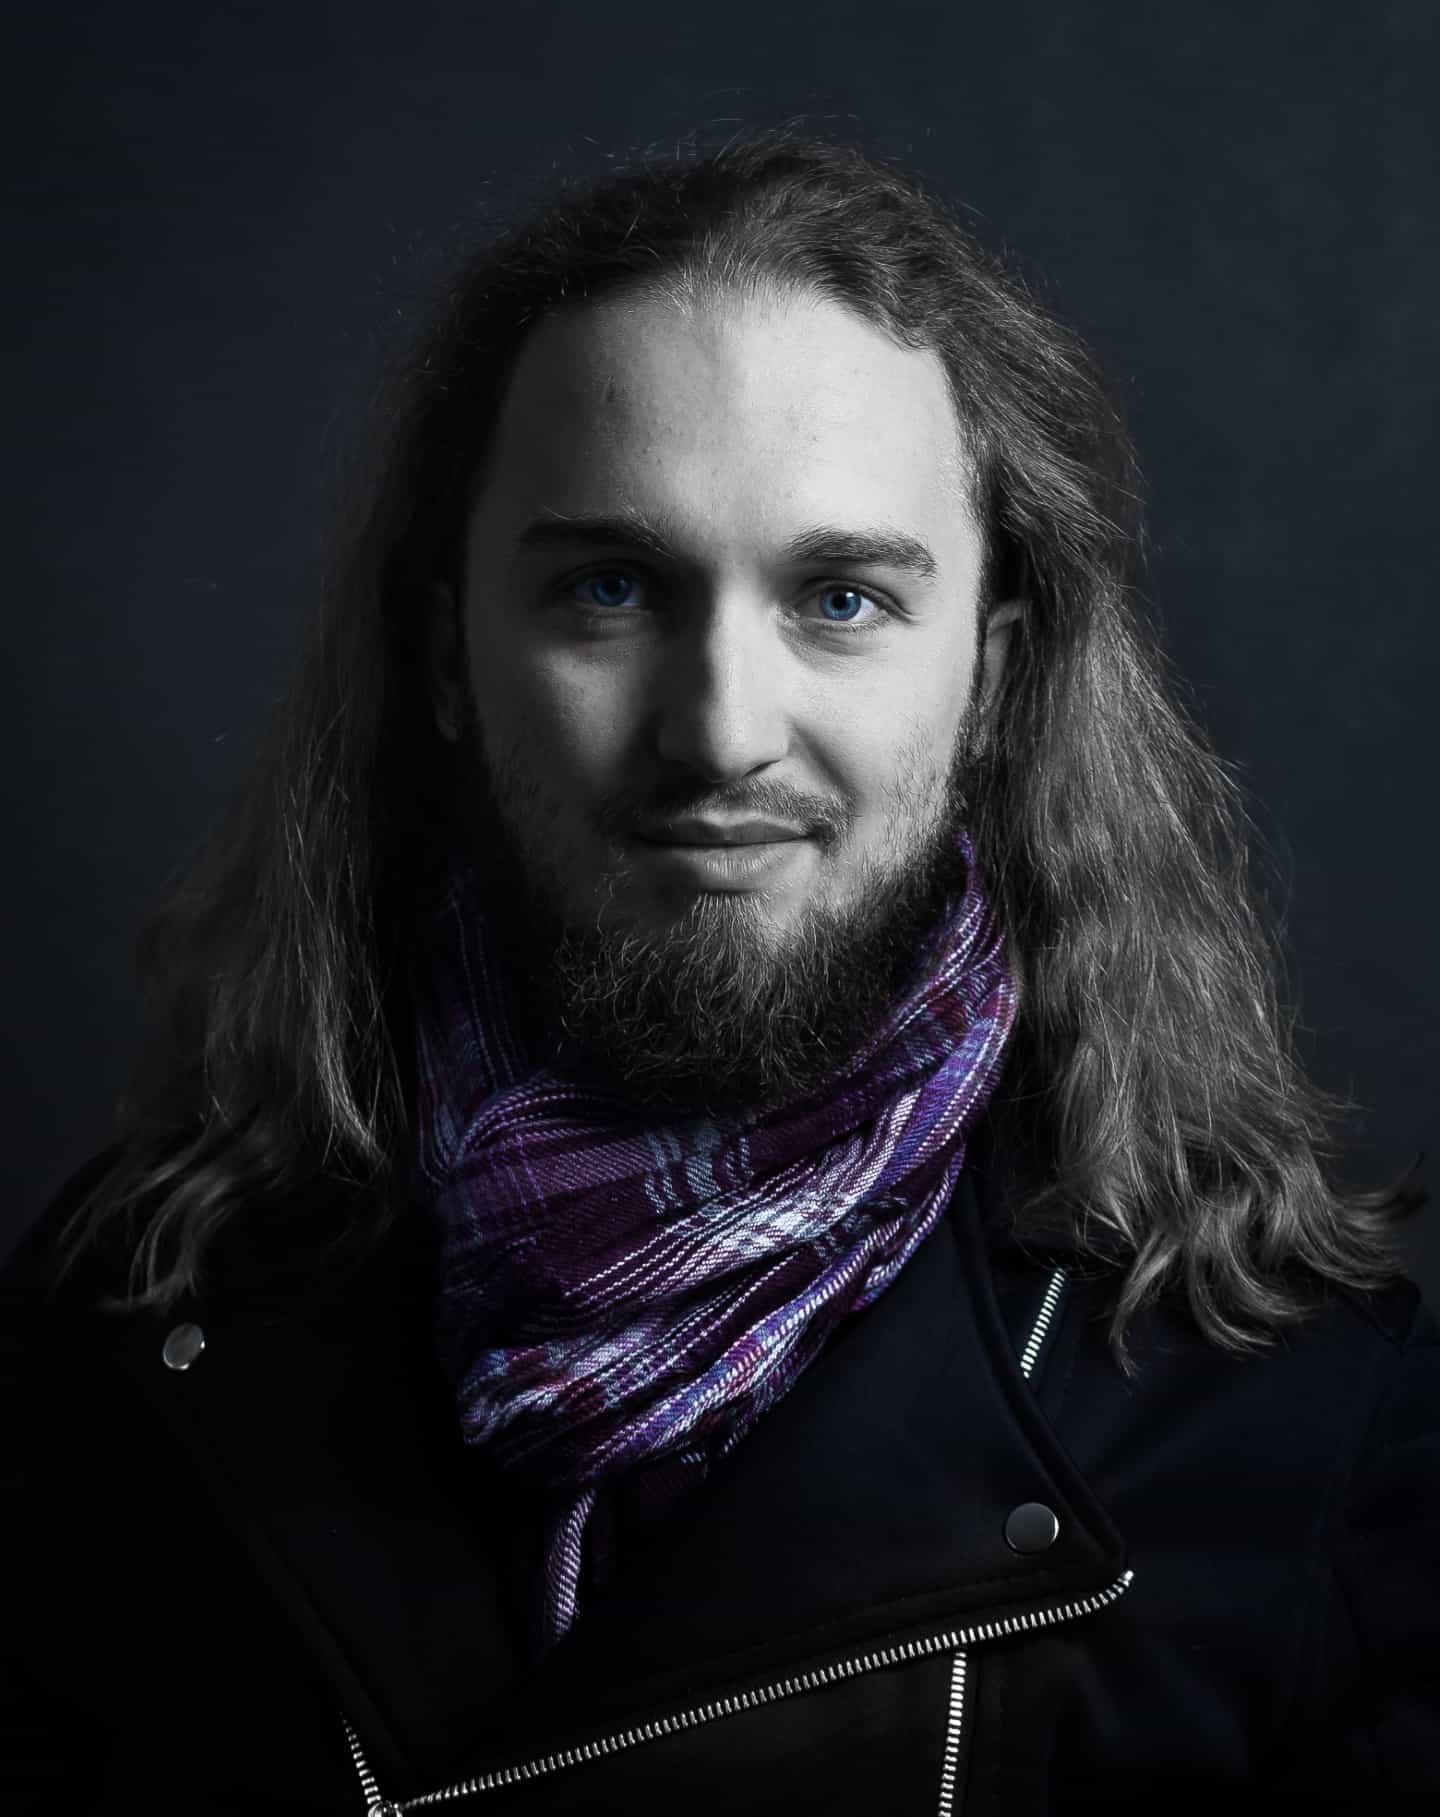 Jak zrobić czarne zdjęcie i czarne tło autoportret Kowcio